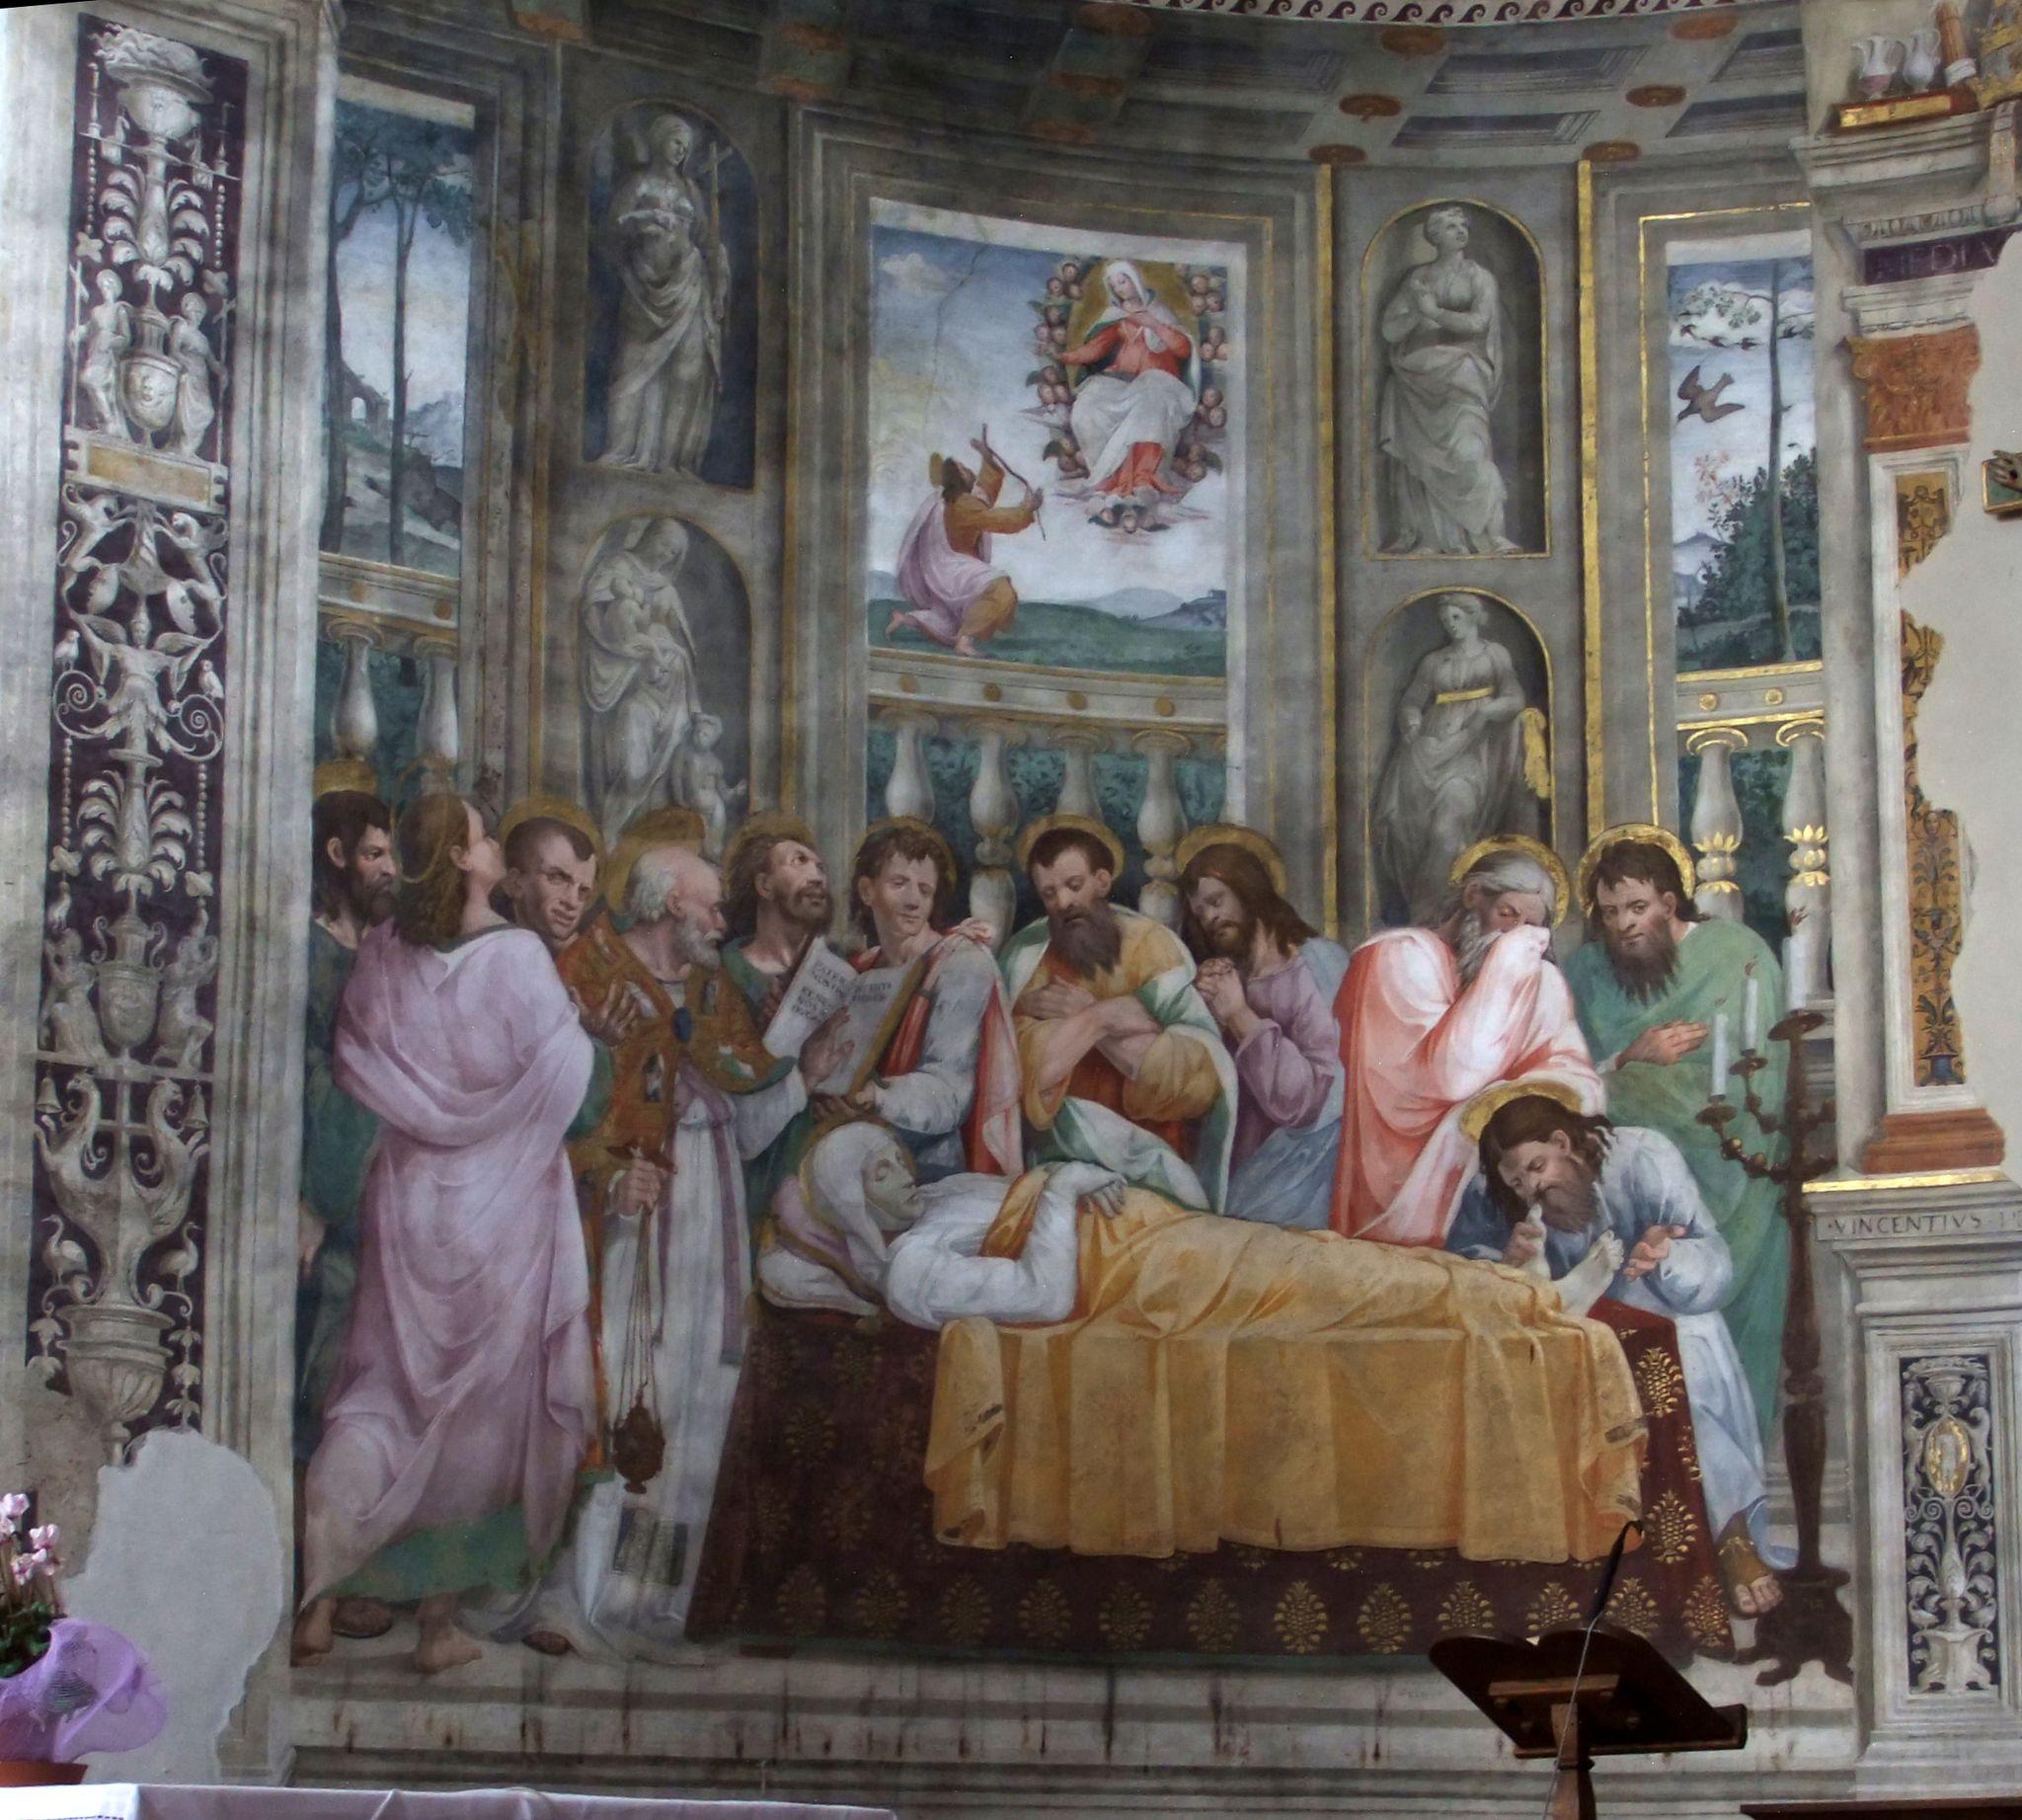 Vincenzo Tamagni, in collaborazione con Giovanni da Spoleto - Dormitio Virginis - Chiesa di Santa Maria in Arrone (Terni)